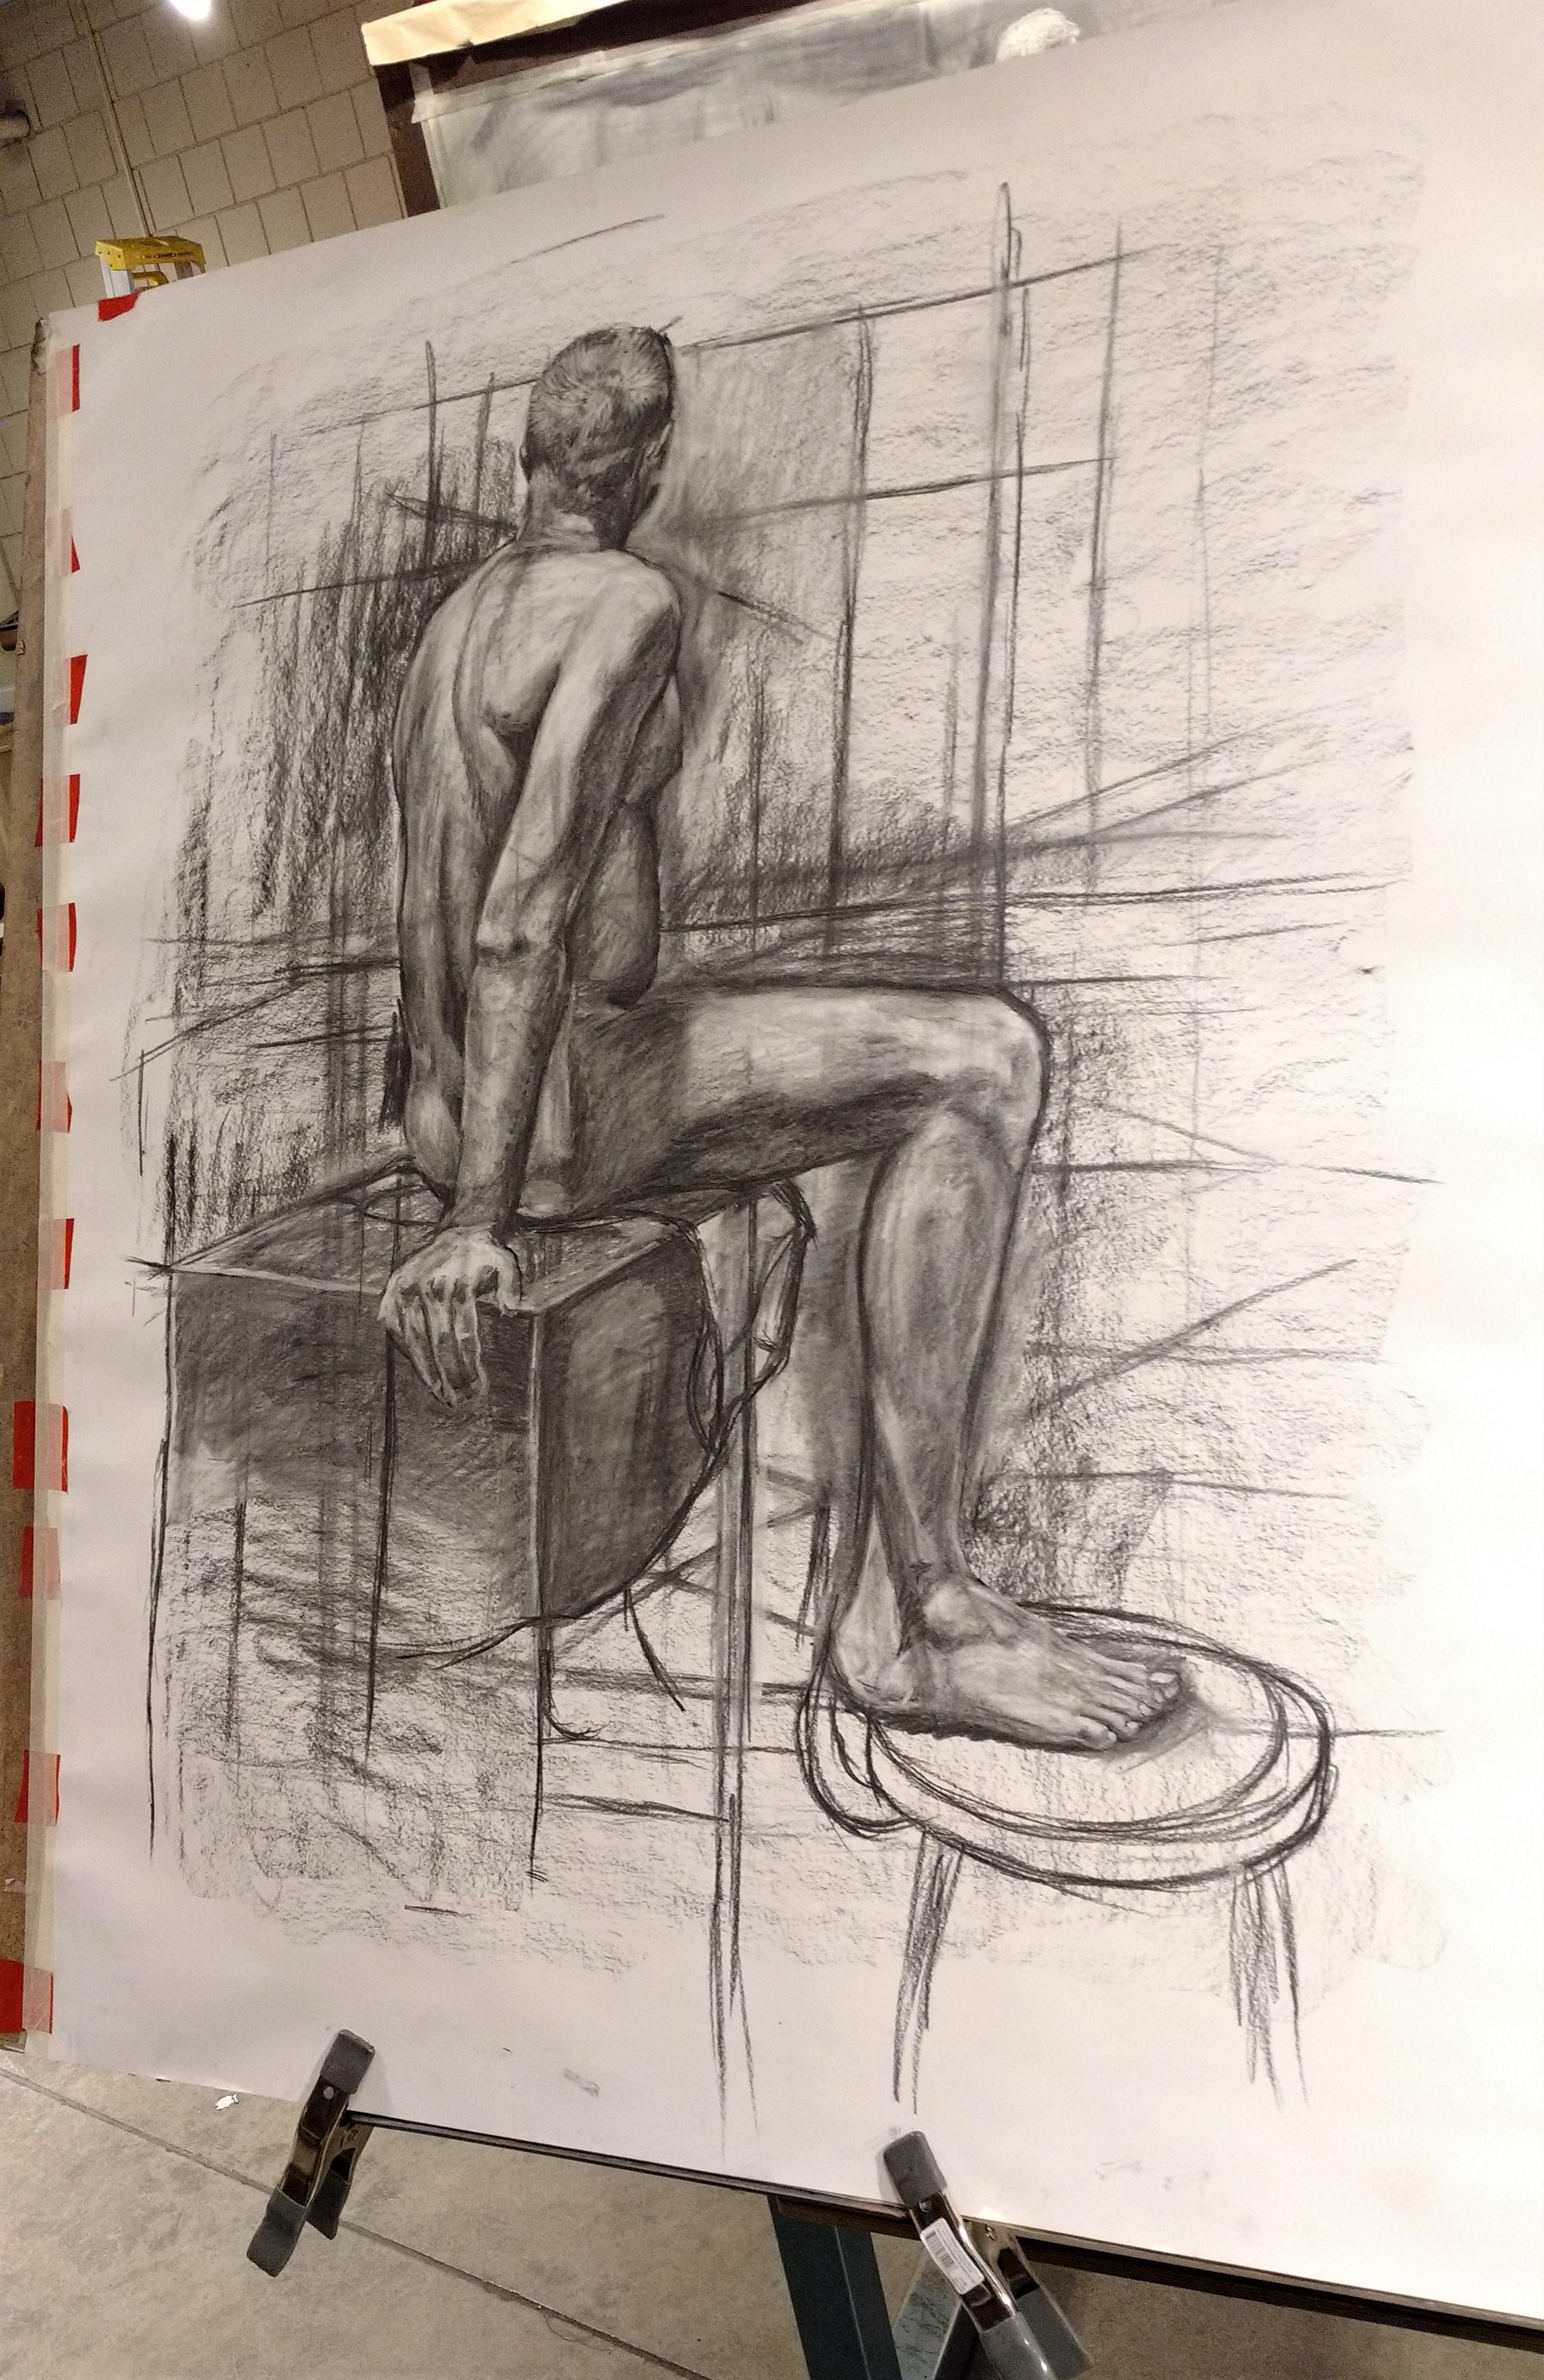 Full Figure Study